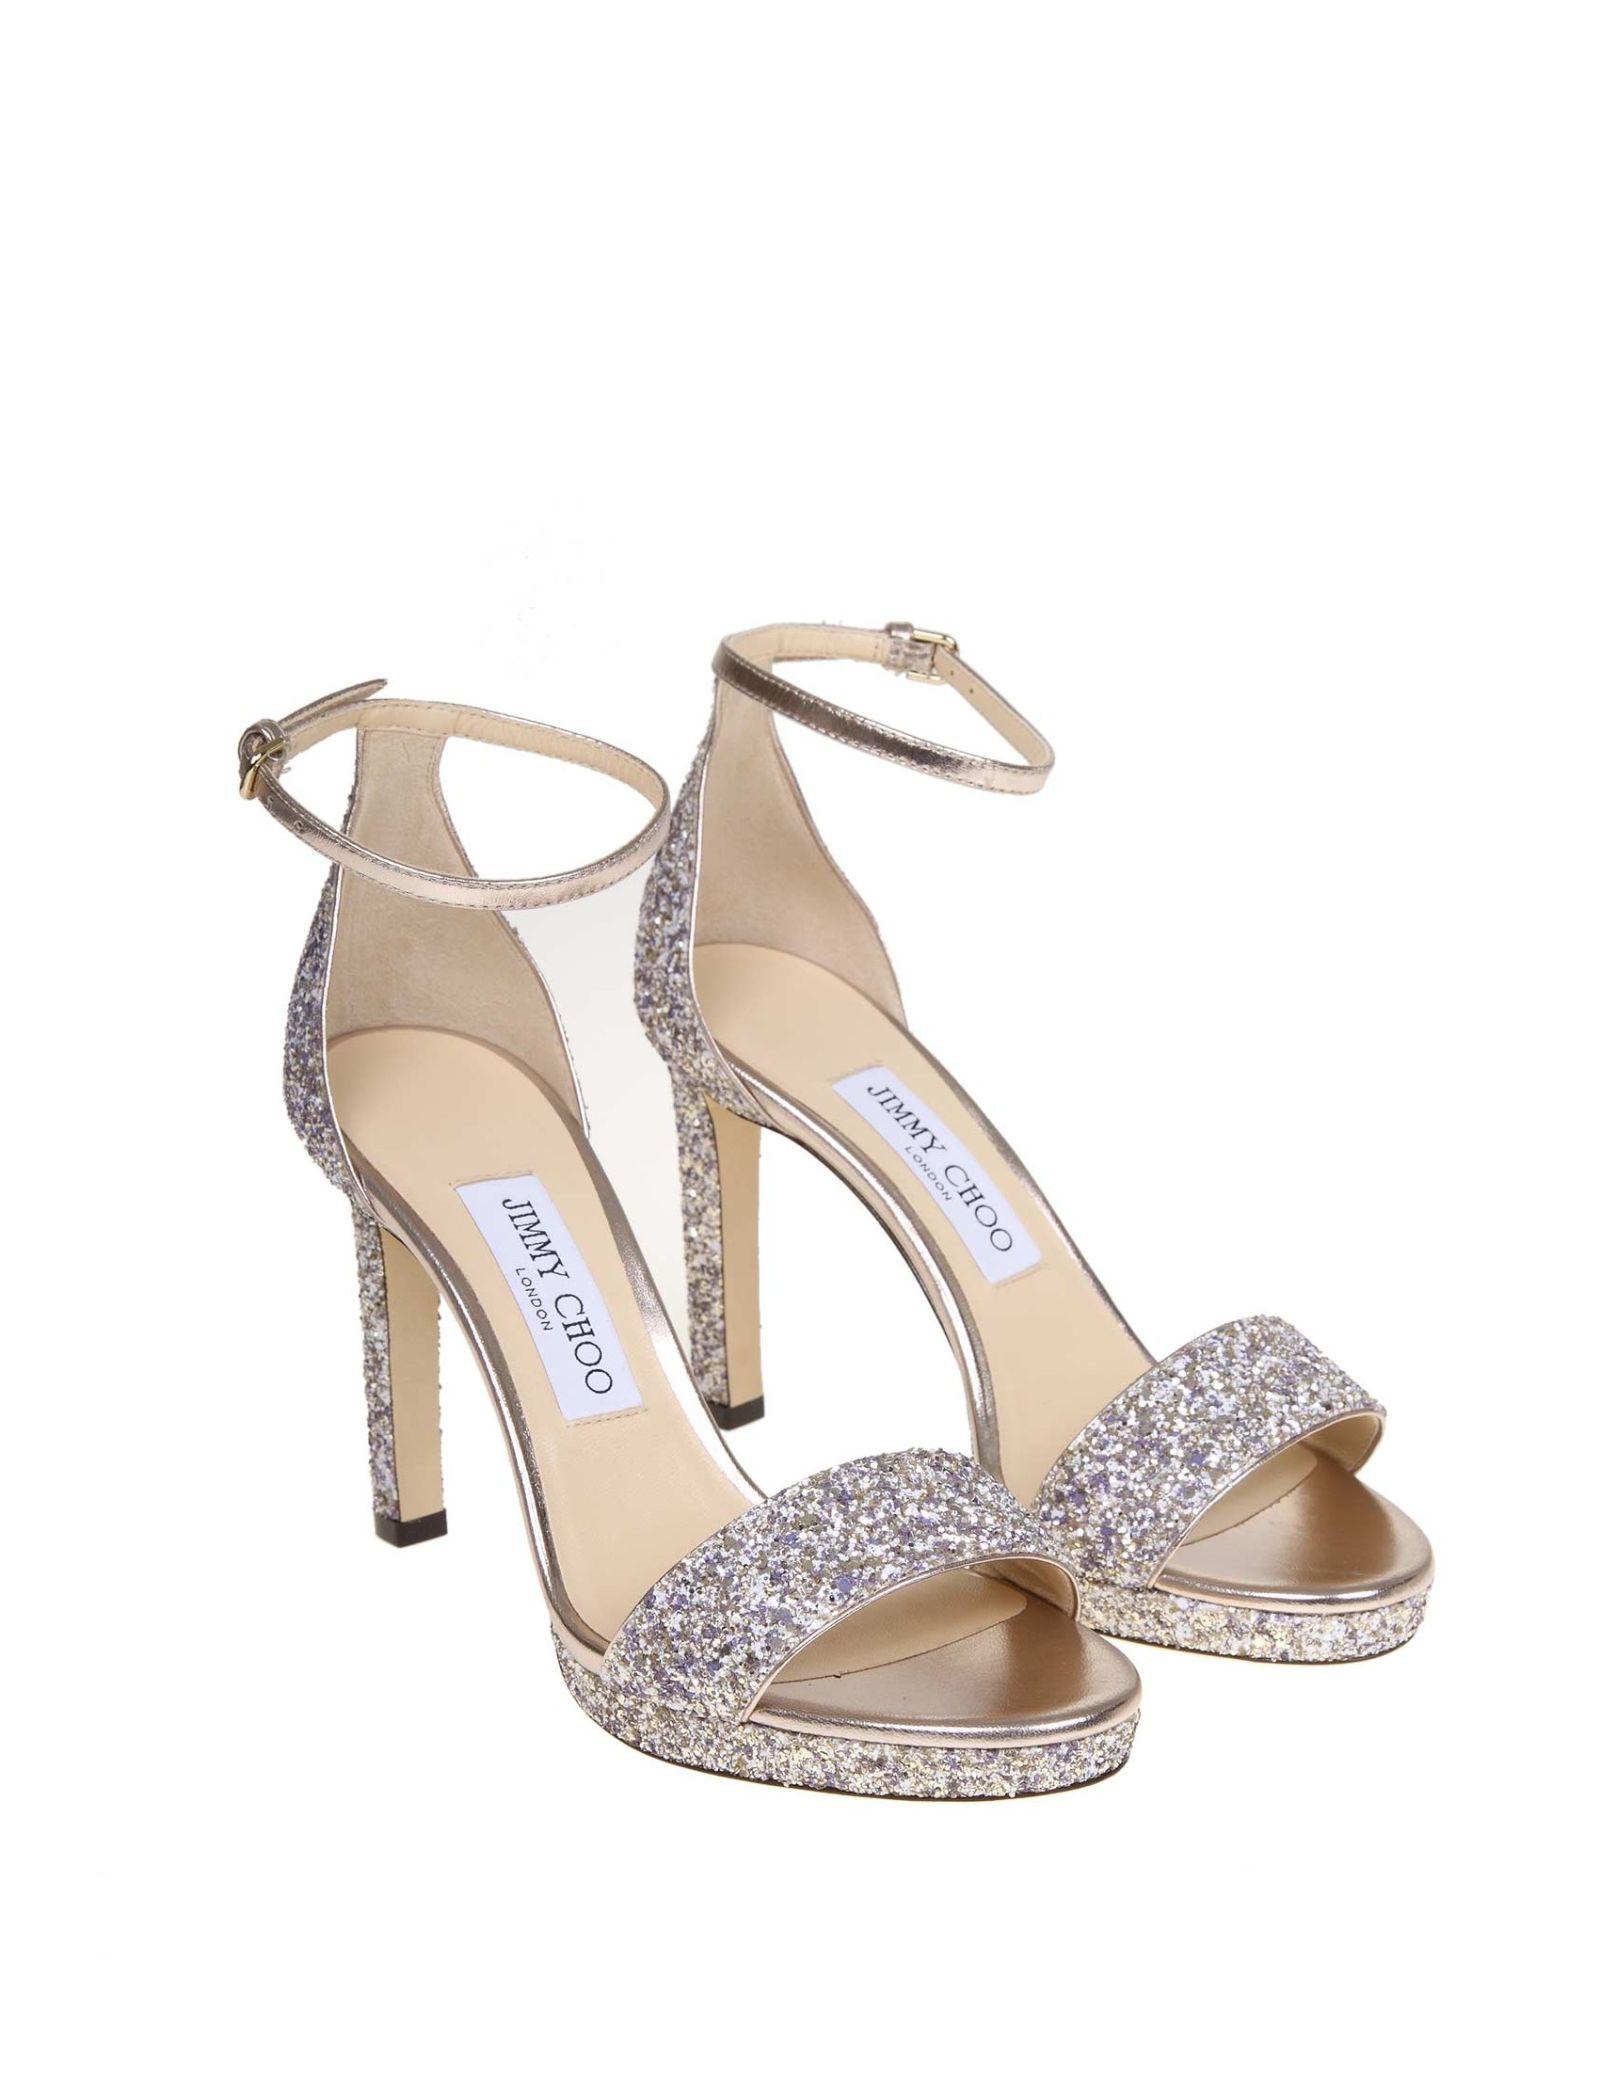 73c9d5402323 Jimmy Choo Jimmy Choo Sandal Misty 100 In Glitter - Gray - 10815707 ...